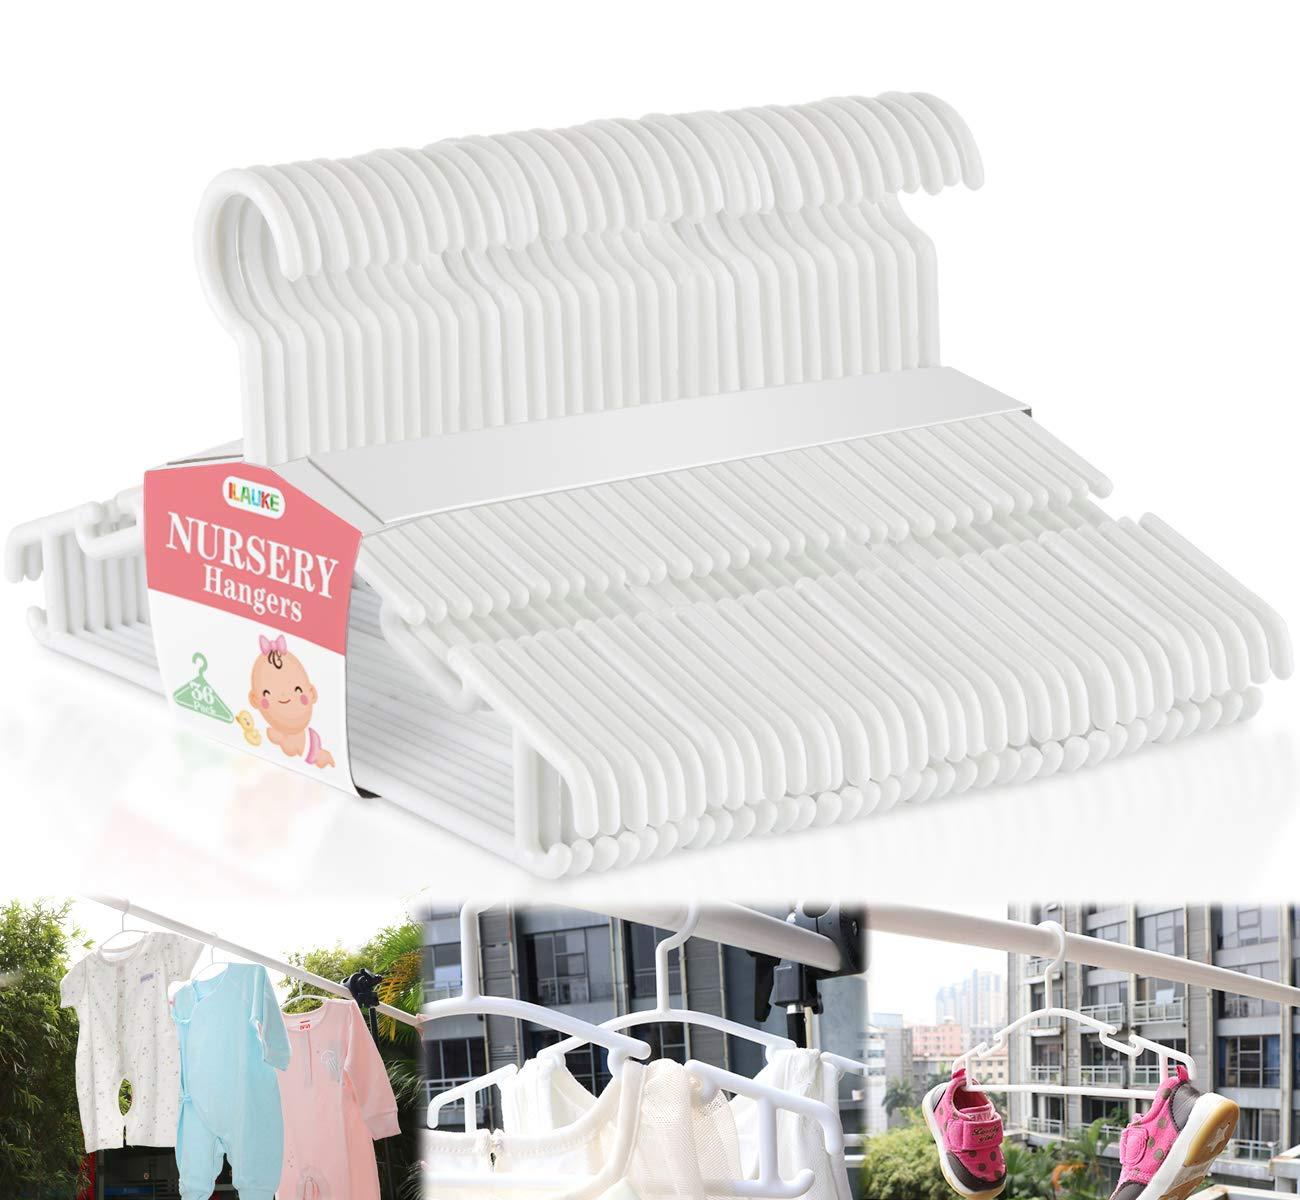 Homewit 36-teilig Babykleiderbügel, Kinder Kleiderbügel Kunststoff Kleiderständes für Baby, Kleinkinder, Kleinkinderkleidung, Kleiderschrank, 27cm…